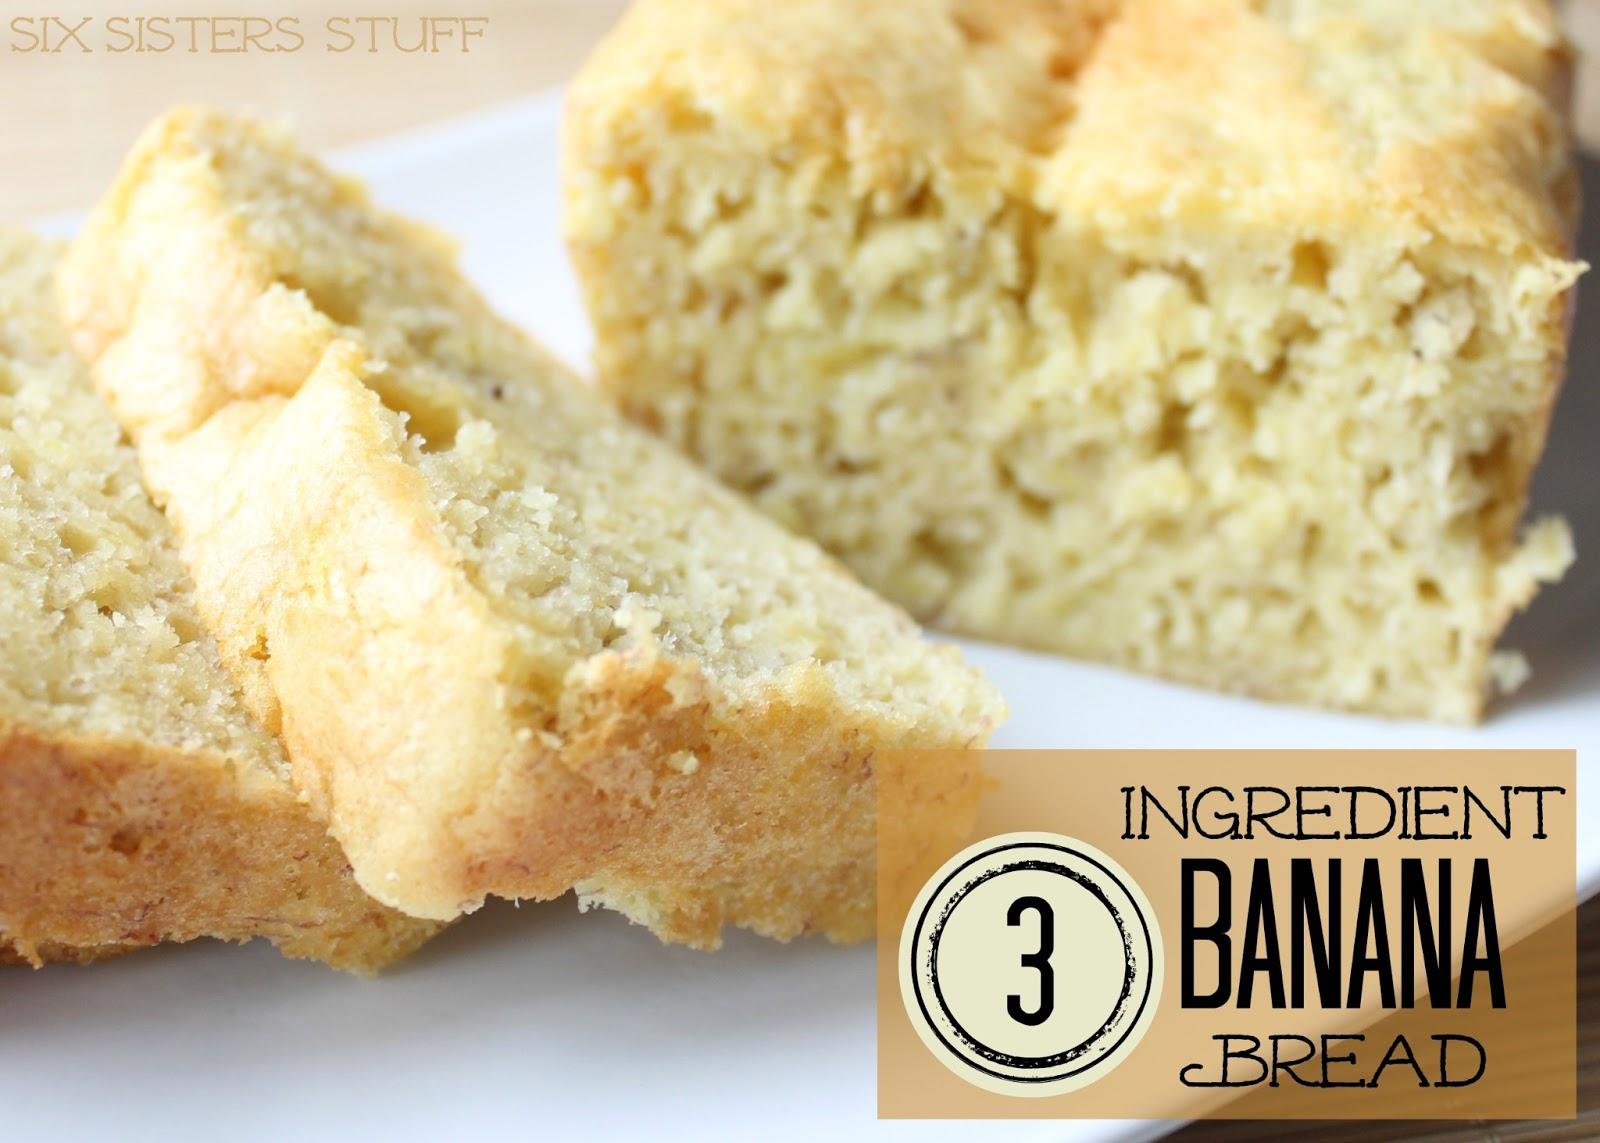 Banana bread recipe yellow cake mix